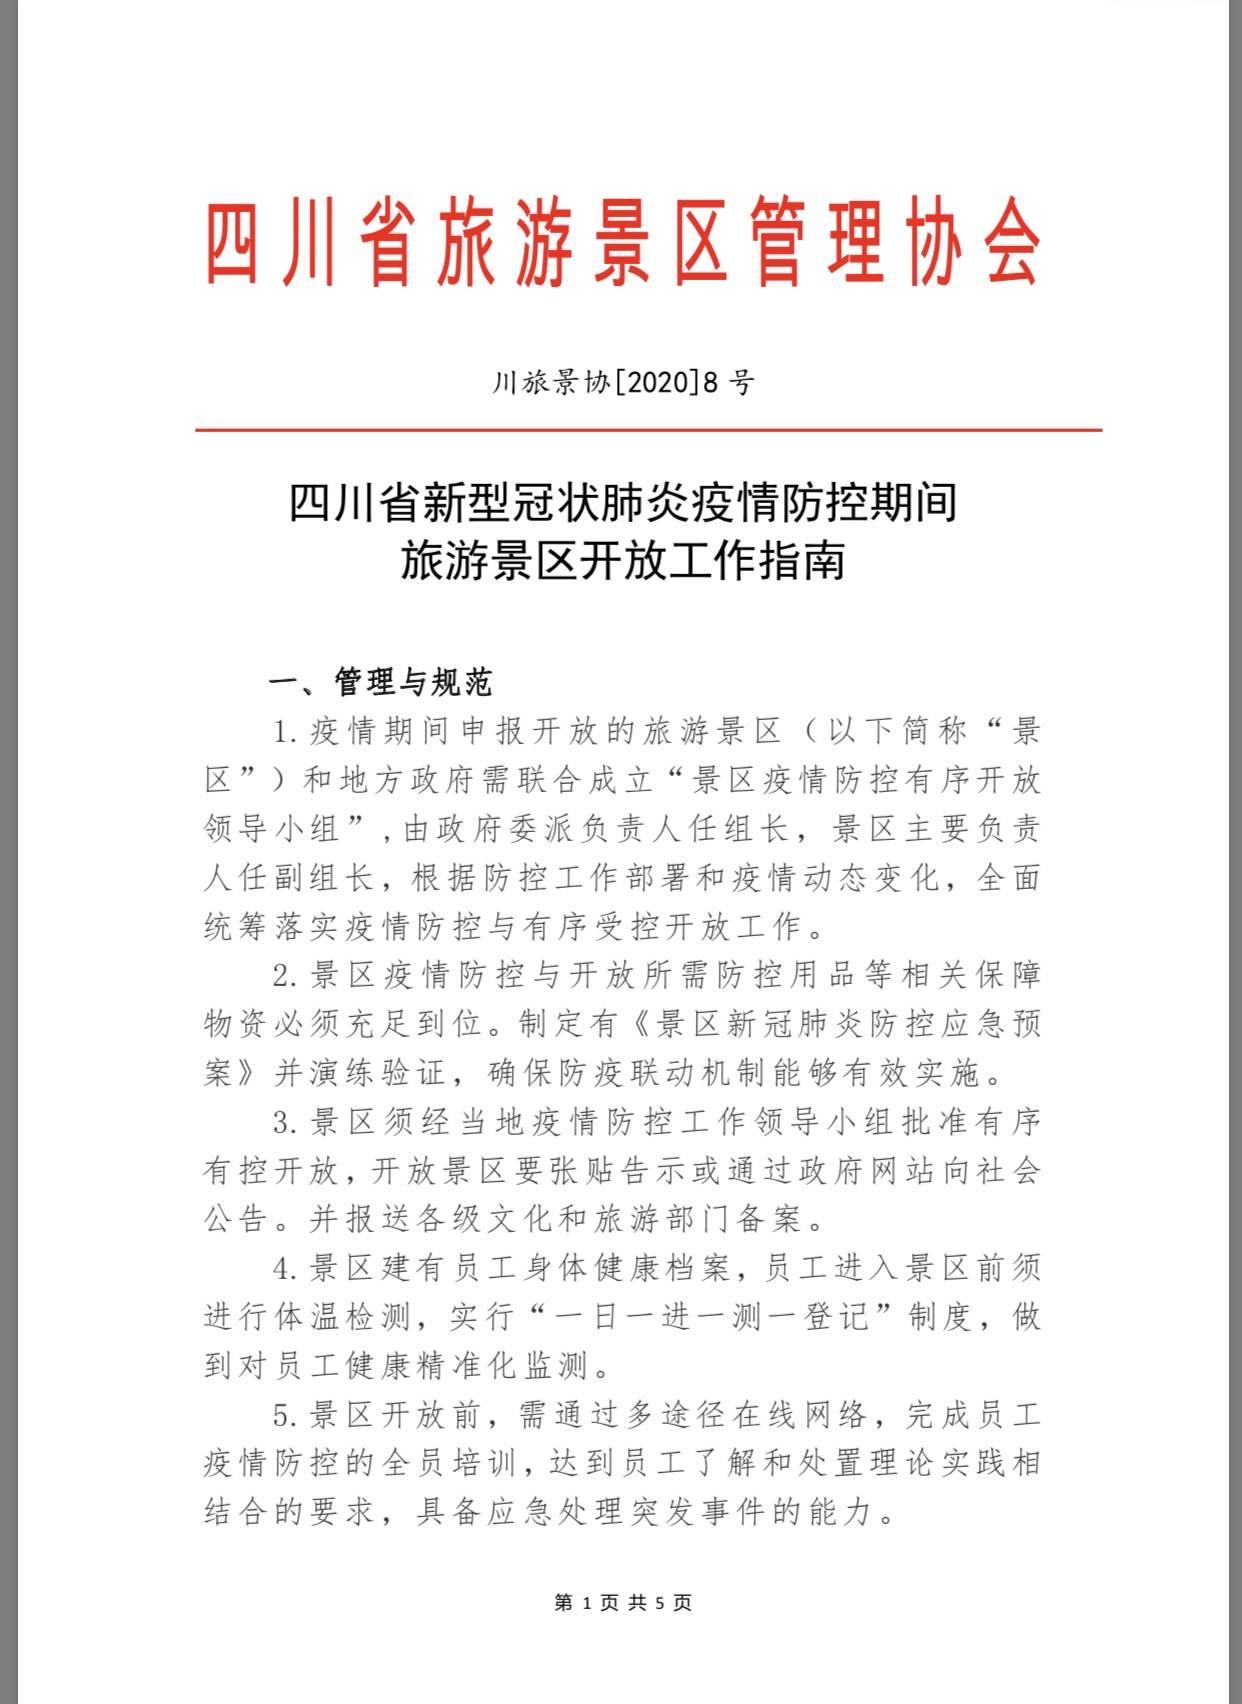 丽江旅游大通彩票平台复工 四川景区恢复开放